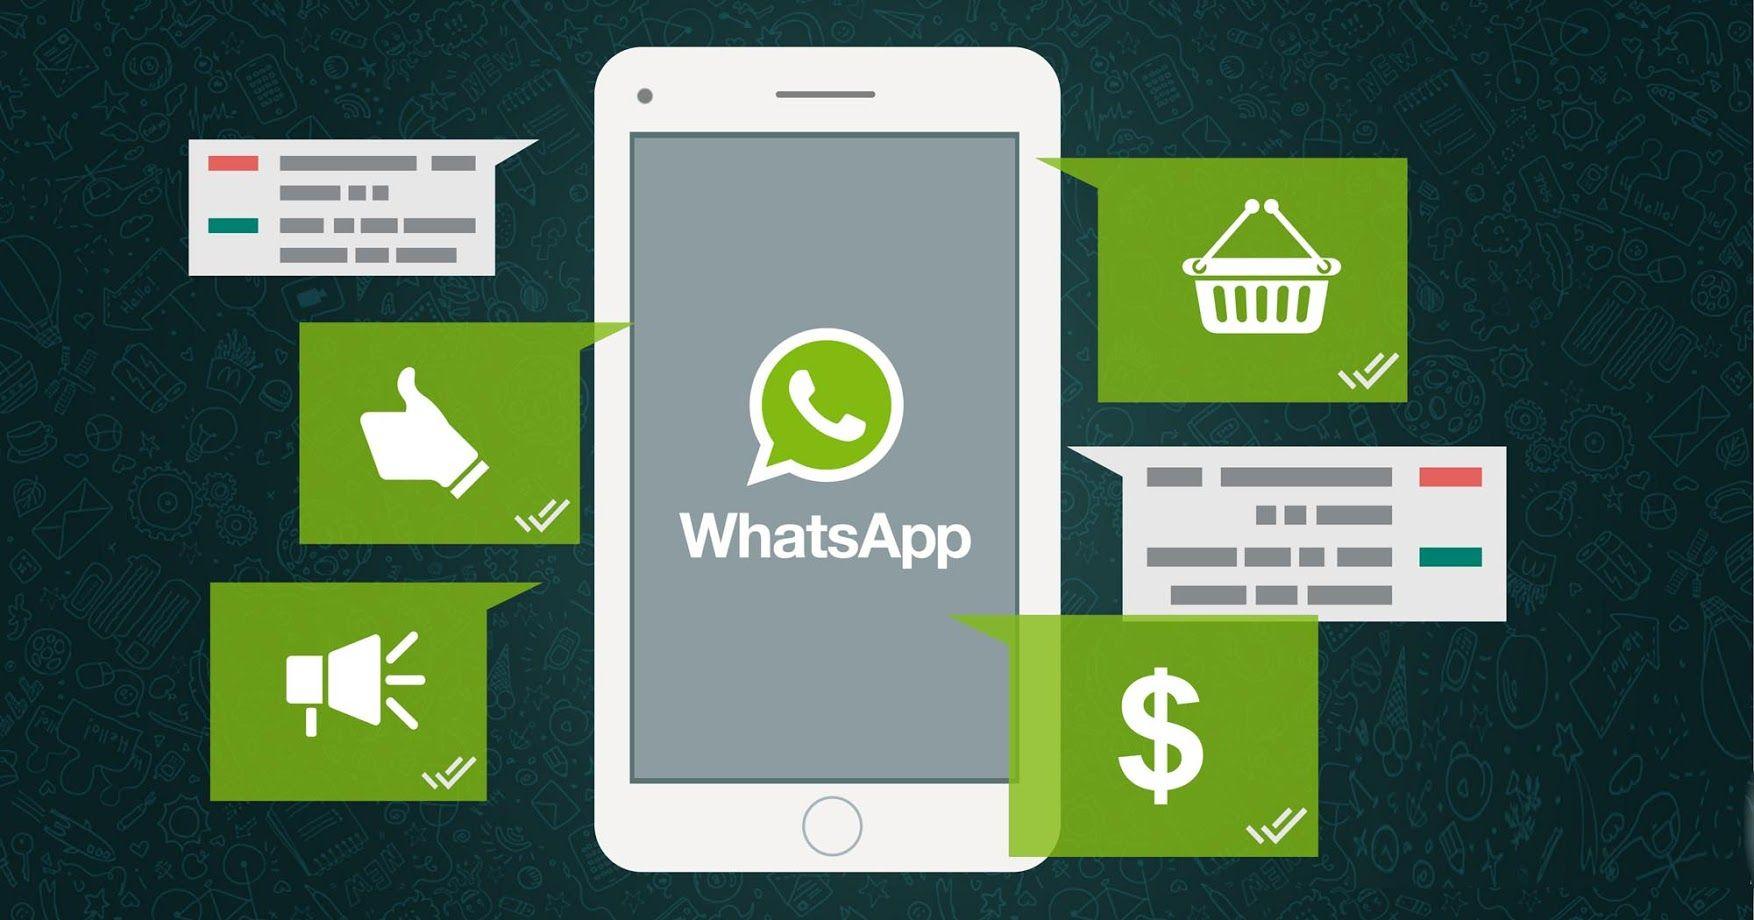 WhatsApp, pubblicità in arrivo nelle chat? (con immagini